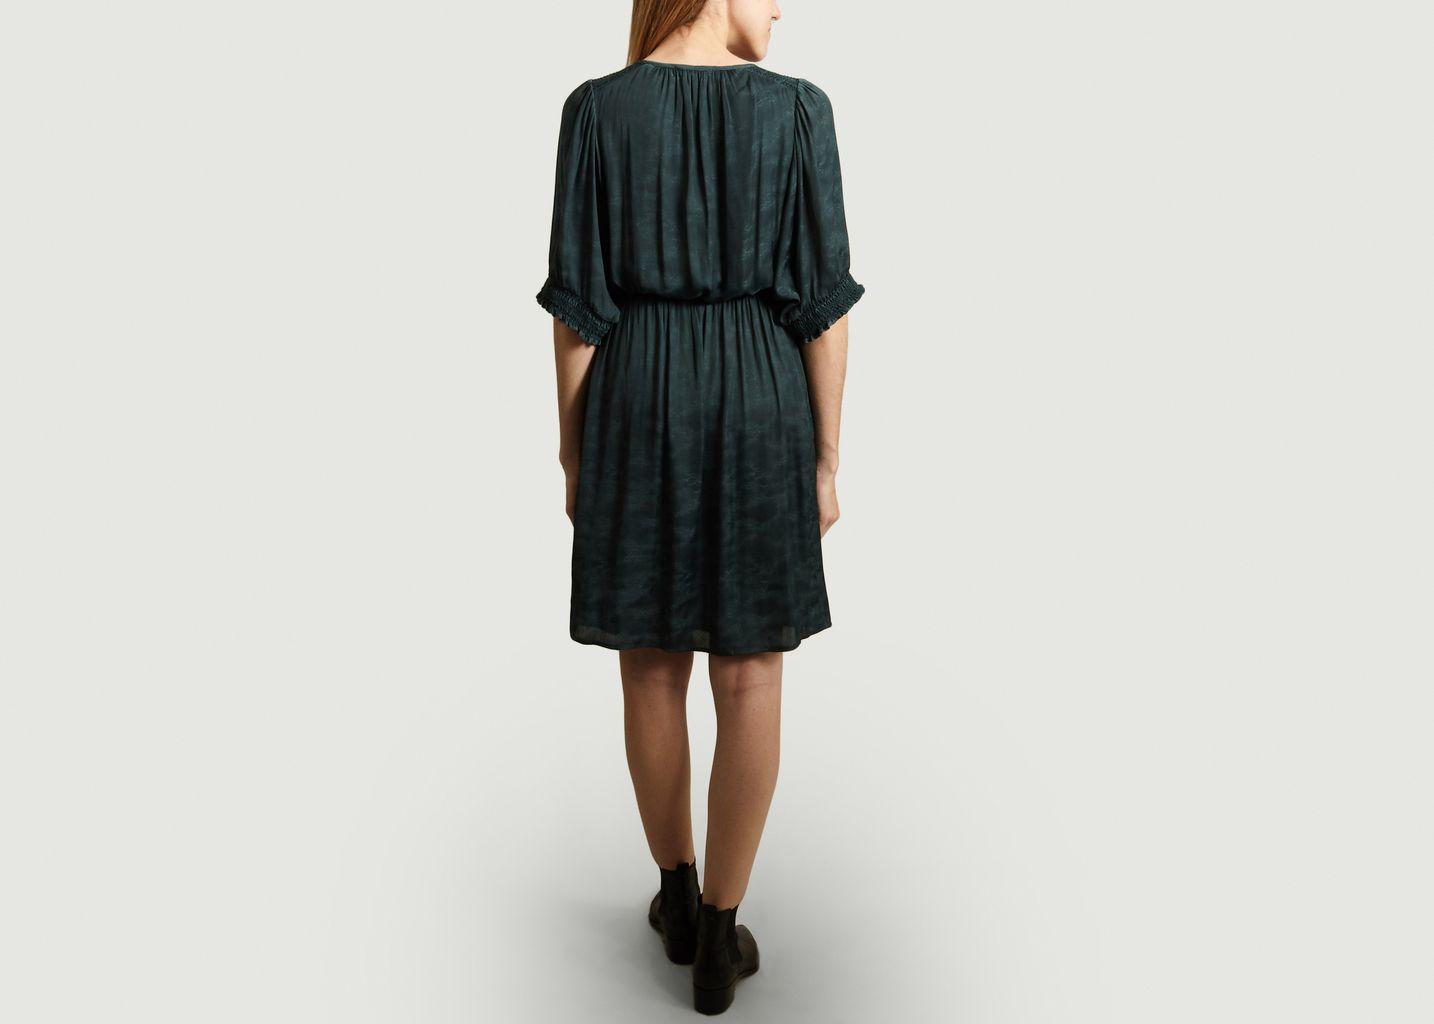 Robe Veriana - Sessun